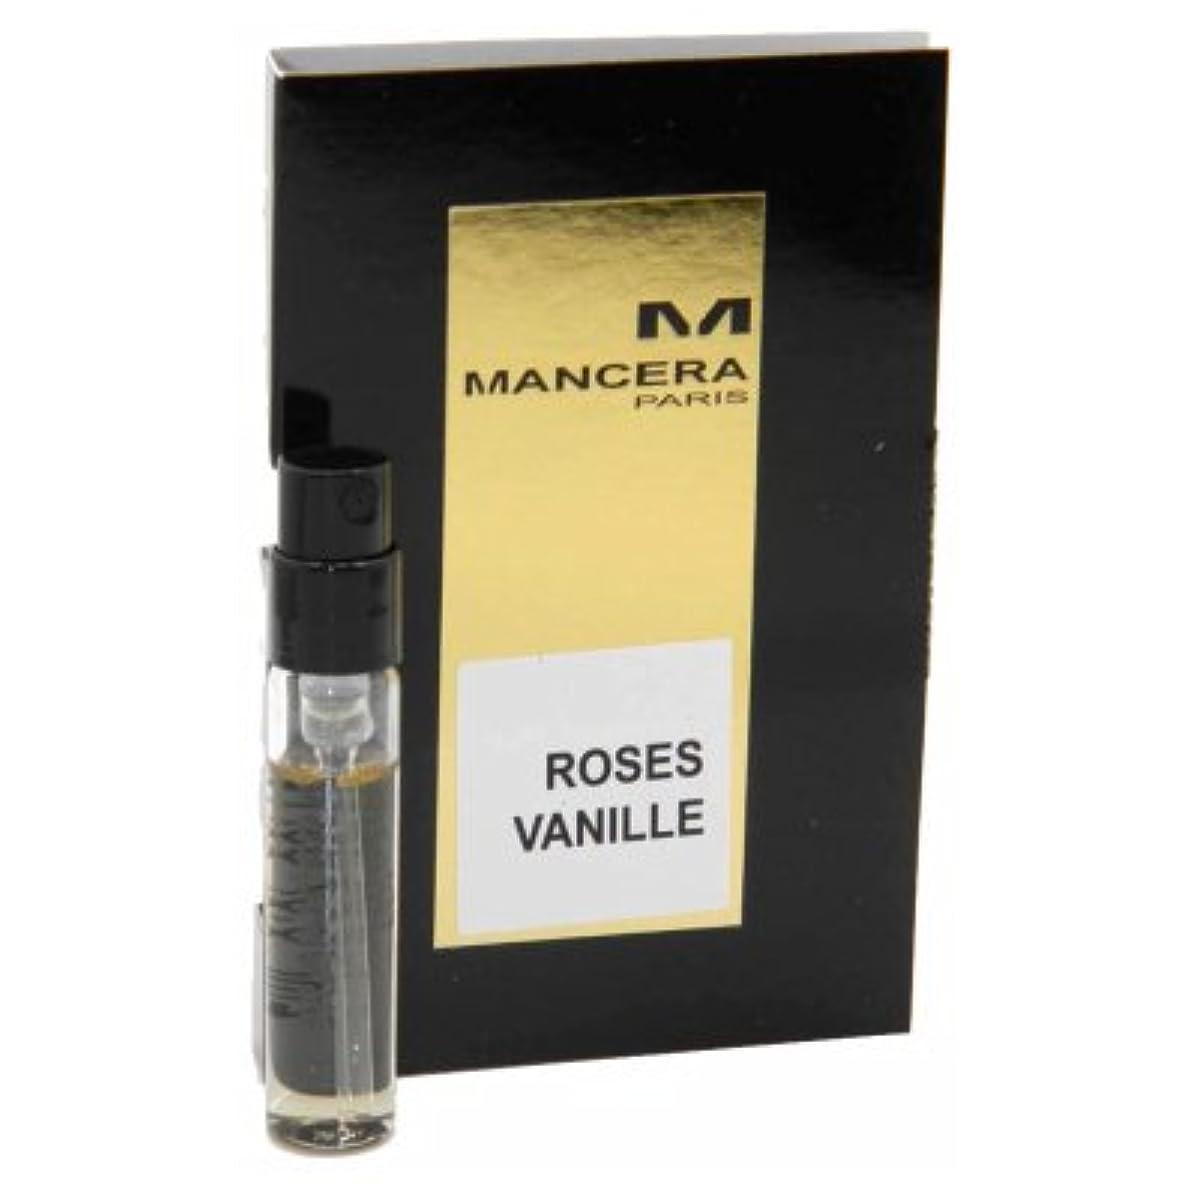 ジョグ甘くする体操選手Mancera Roses Vanille EDP Vial Sample 2ml(マンセラ ローゼズ ヴァニーユ オードパルファン 2ml)[海外直送品] [並行輸入品]